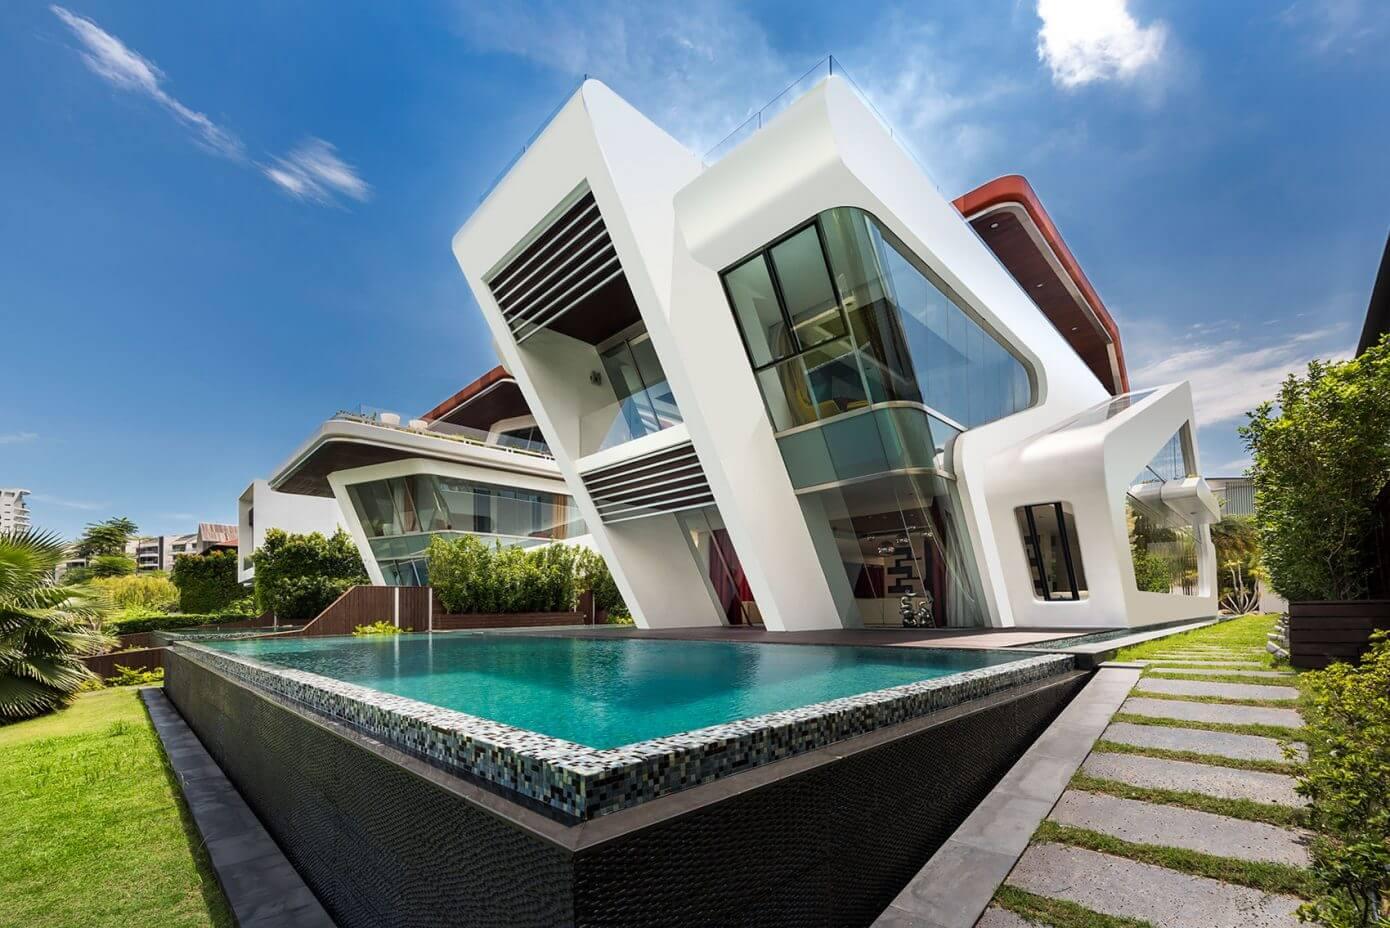 Contemporary House by Mercurio Design Lab « HomeAdore